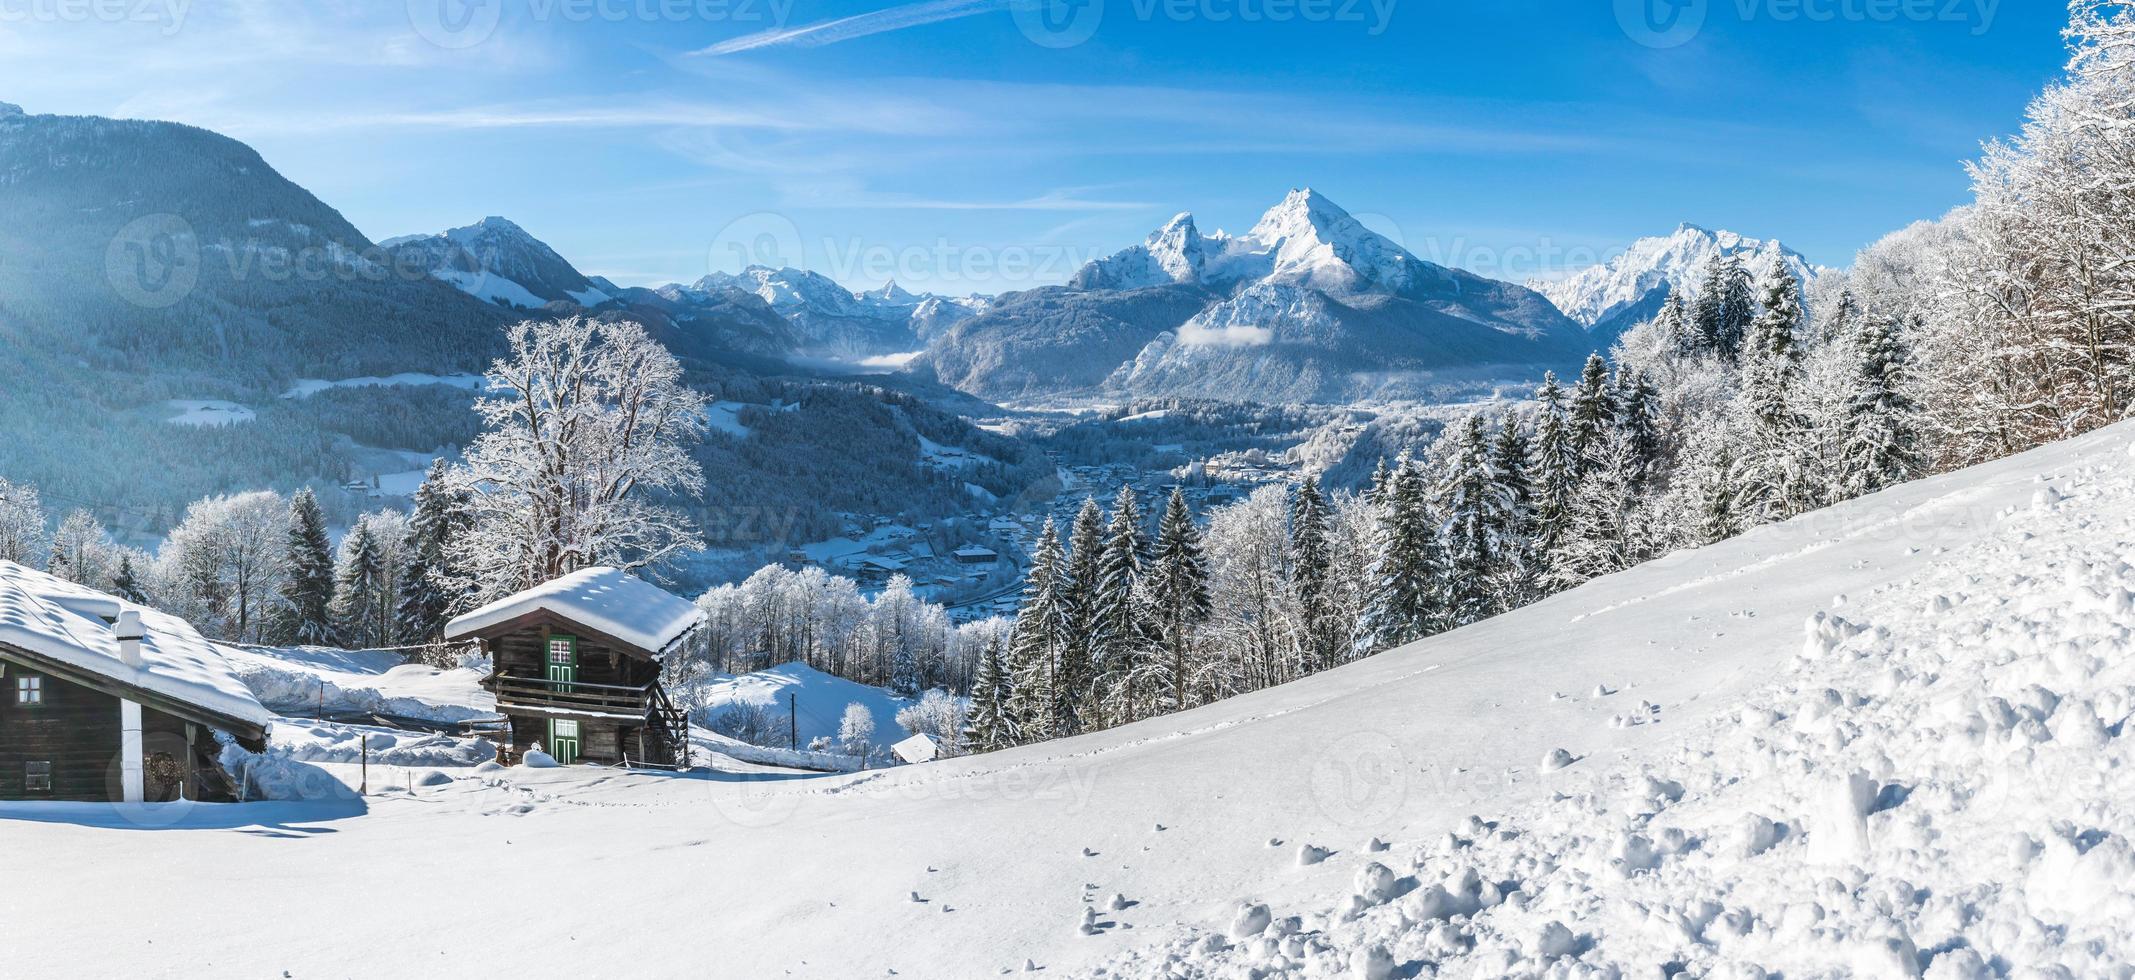 Paysage idyllique dans les Alpes bavaroises, Berchtesgaden, Allemagne photo